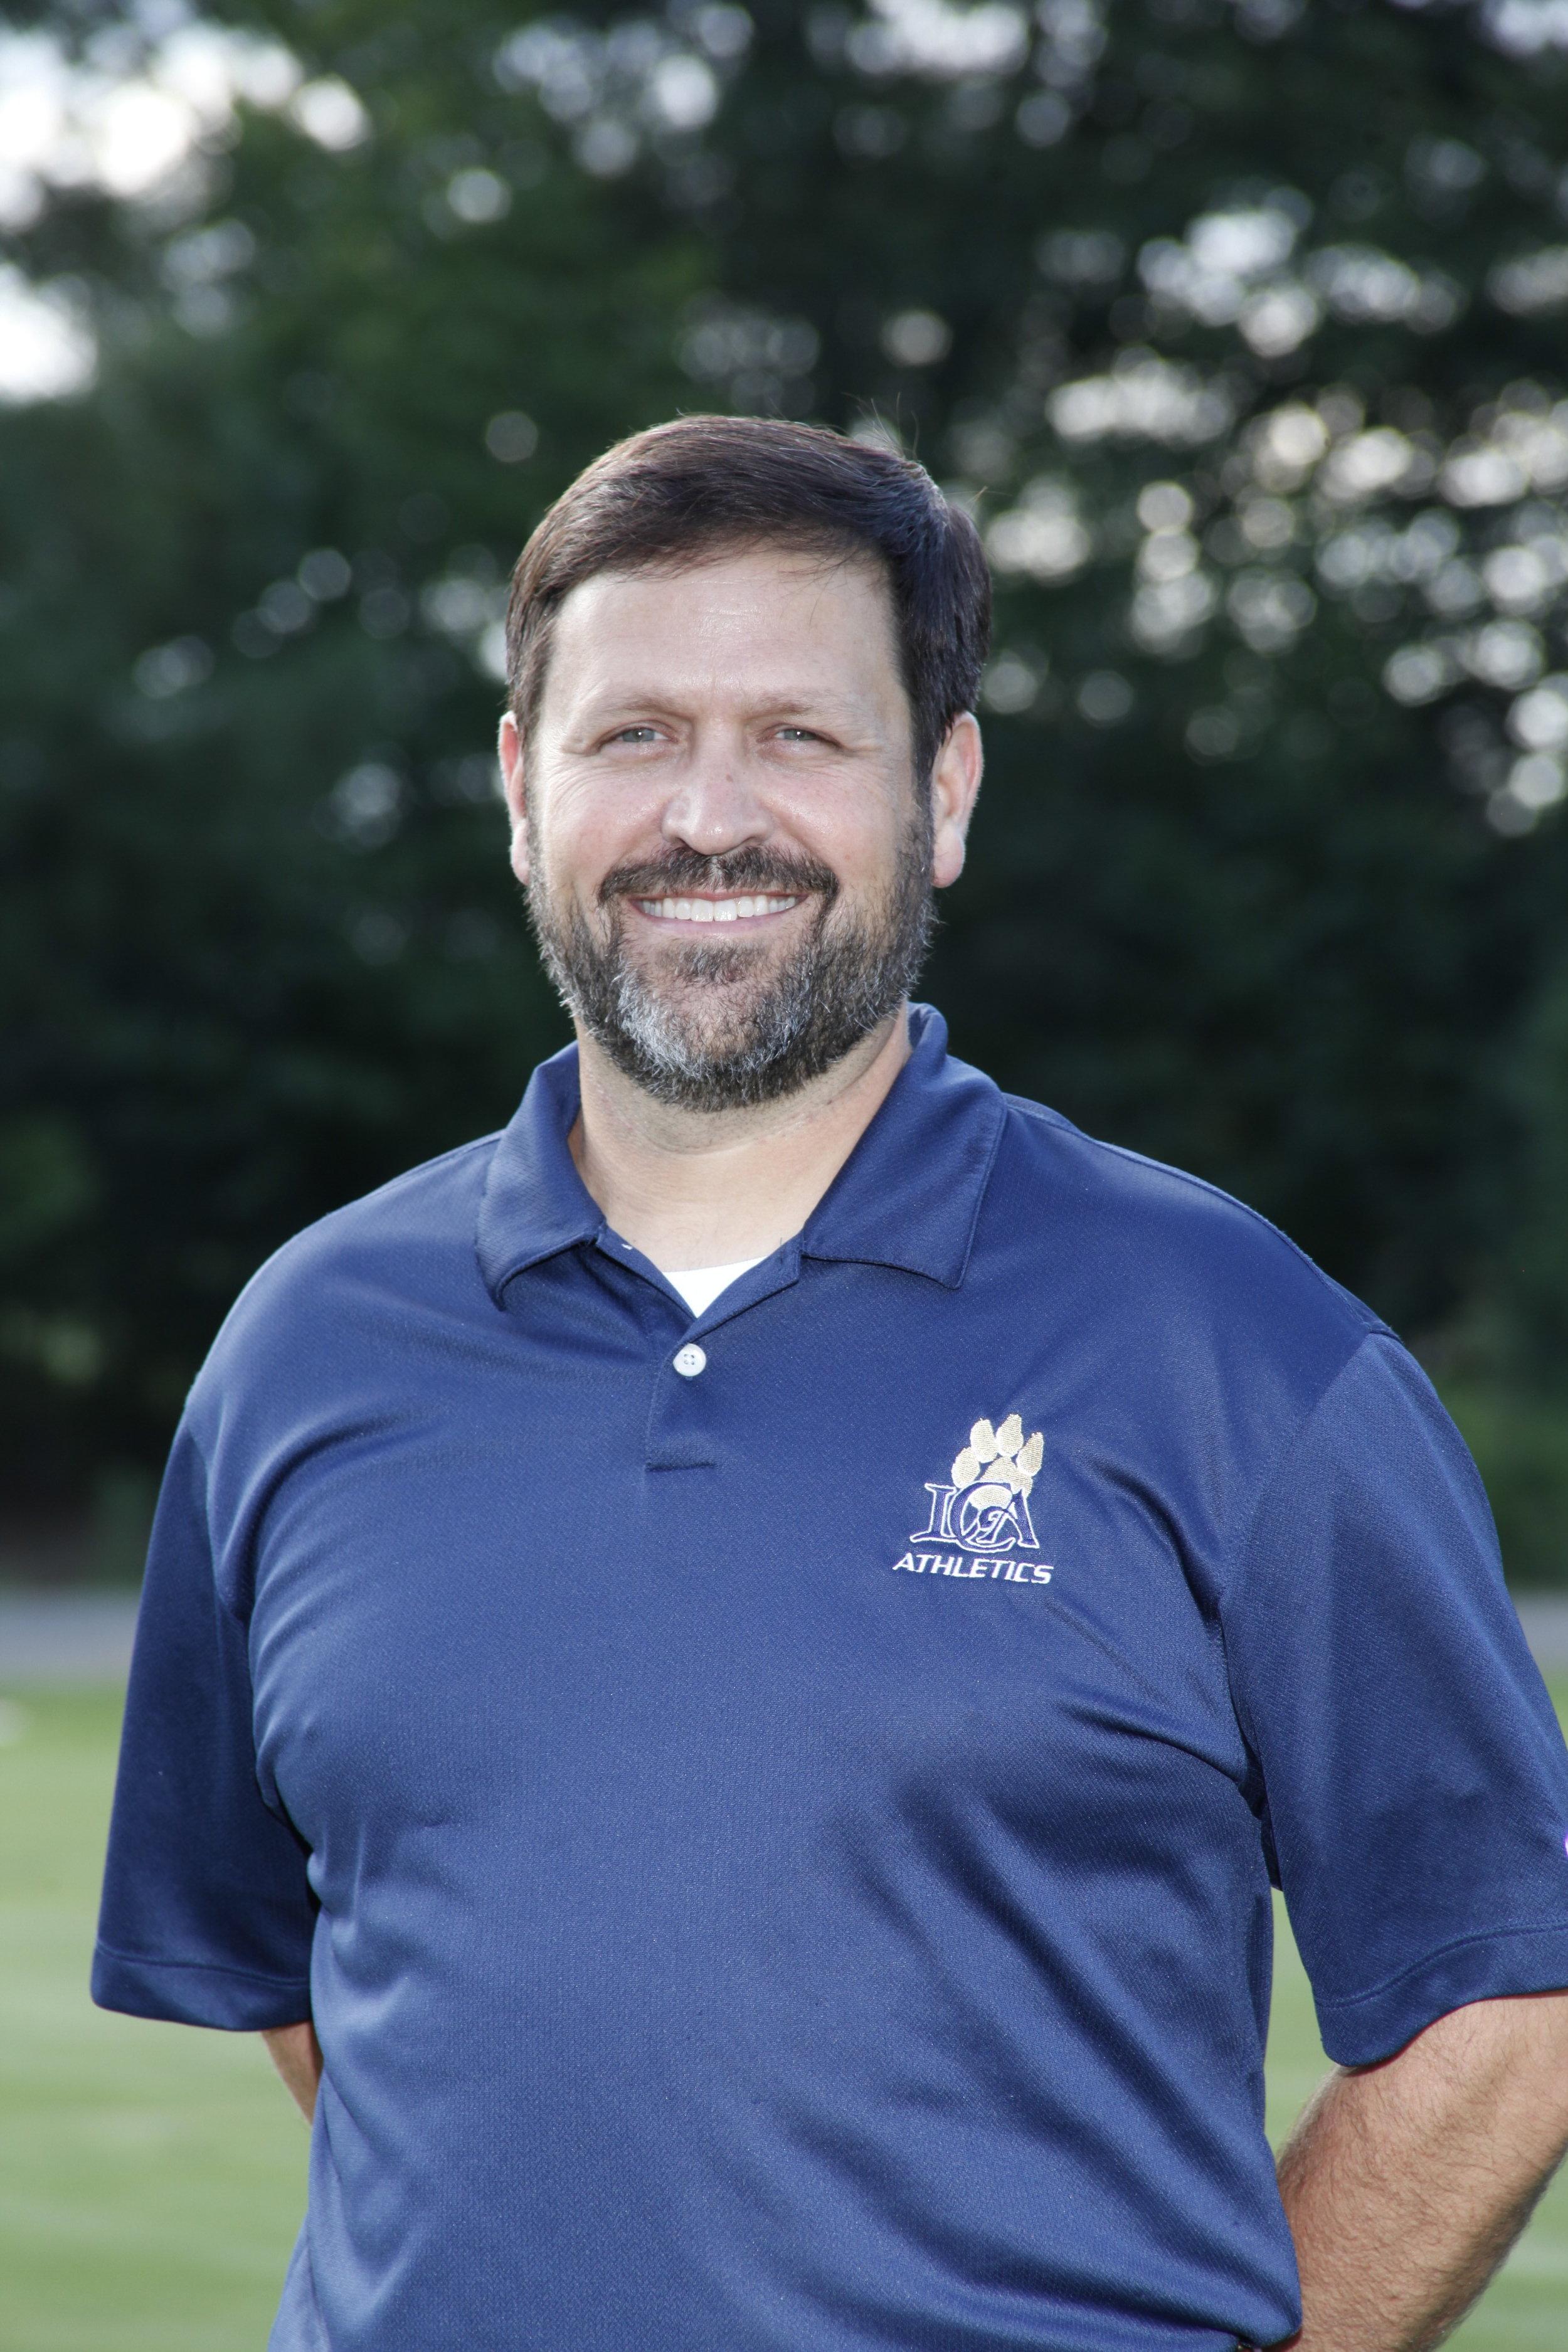 Head Coach: Brad Echols